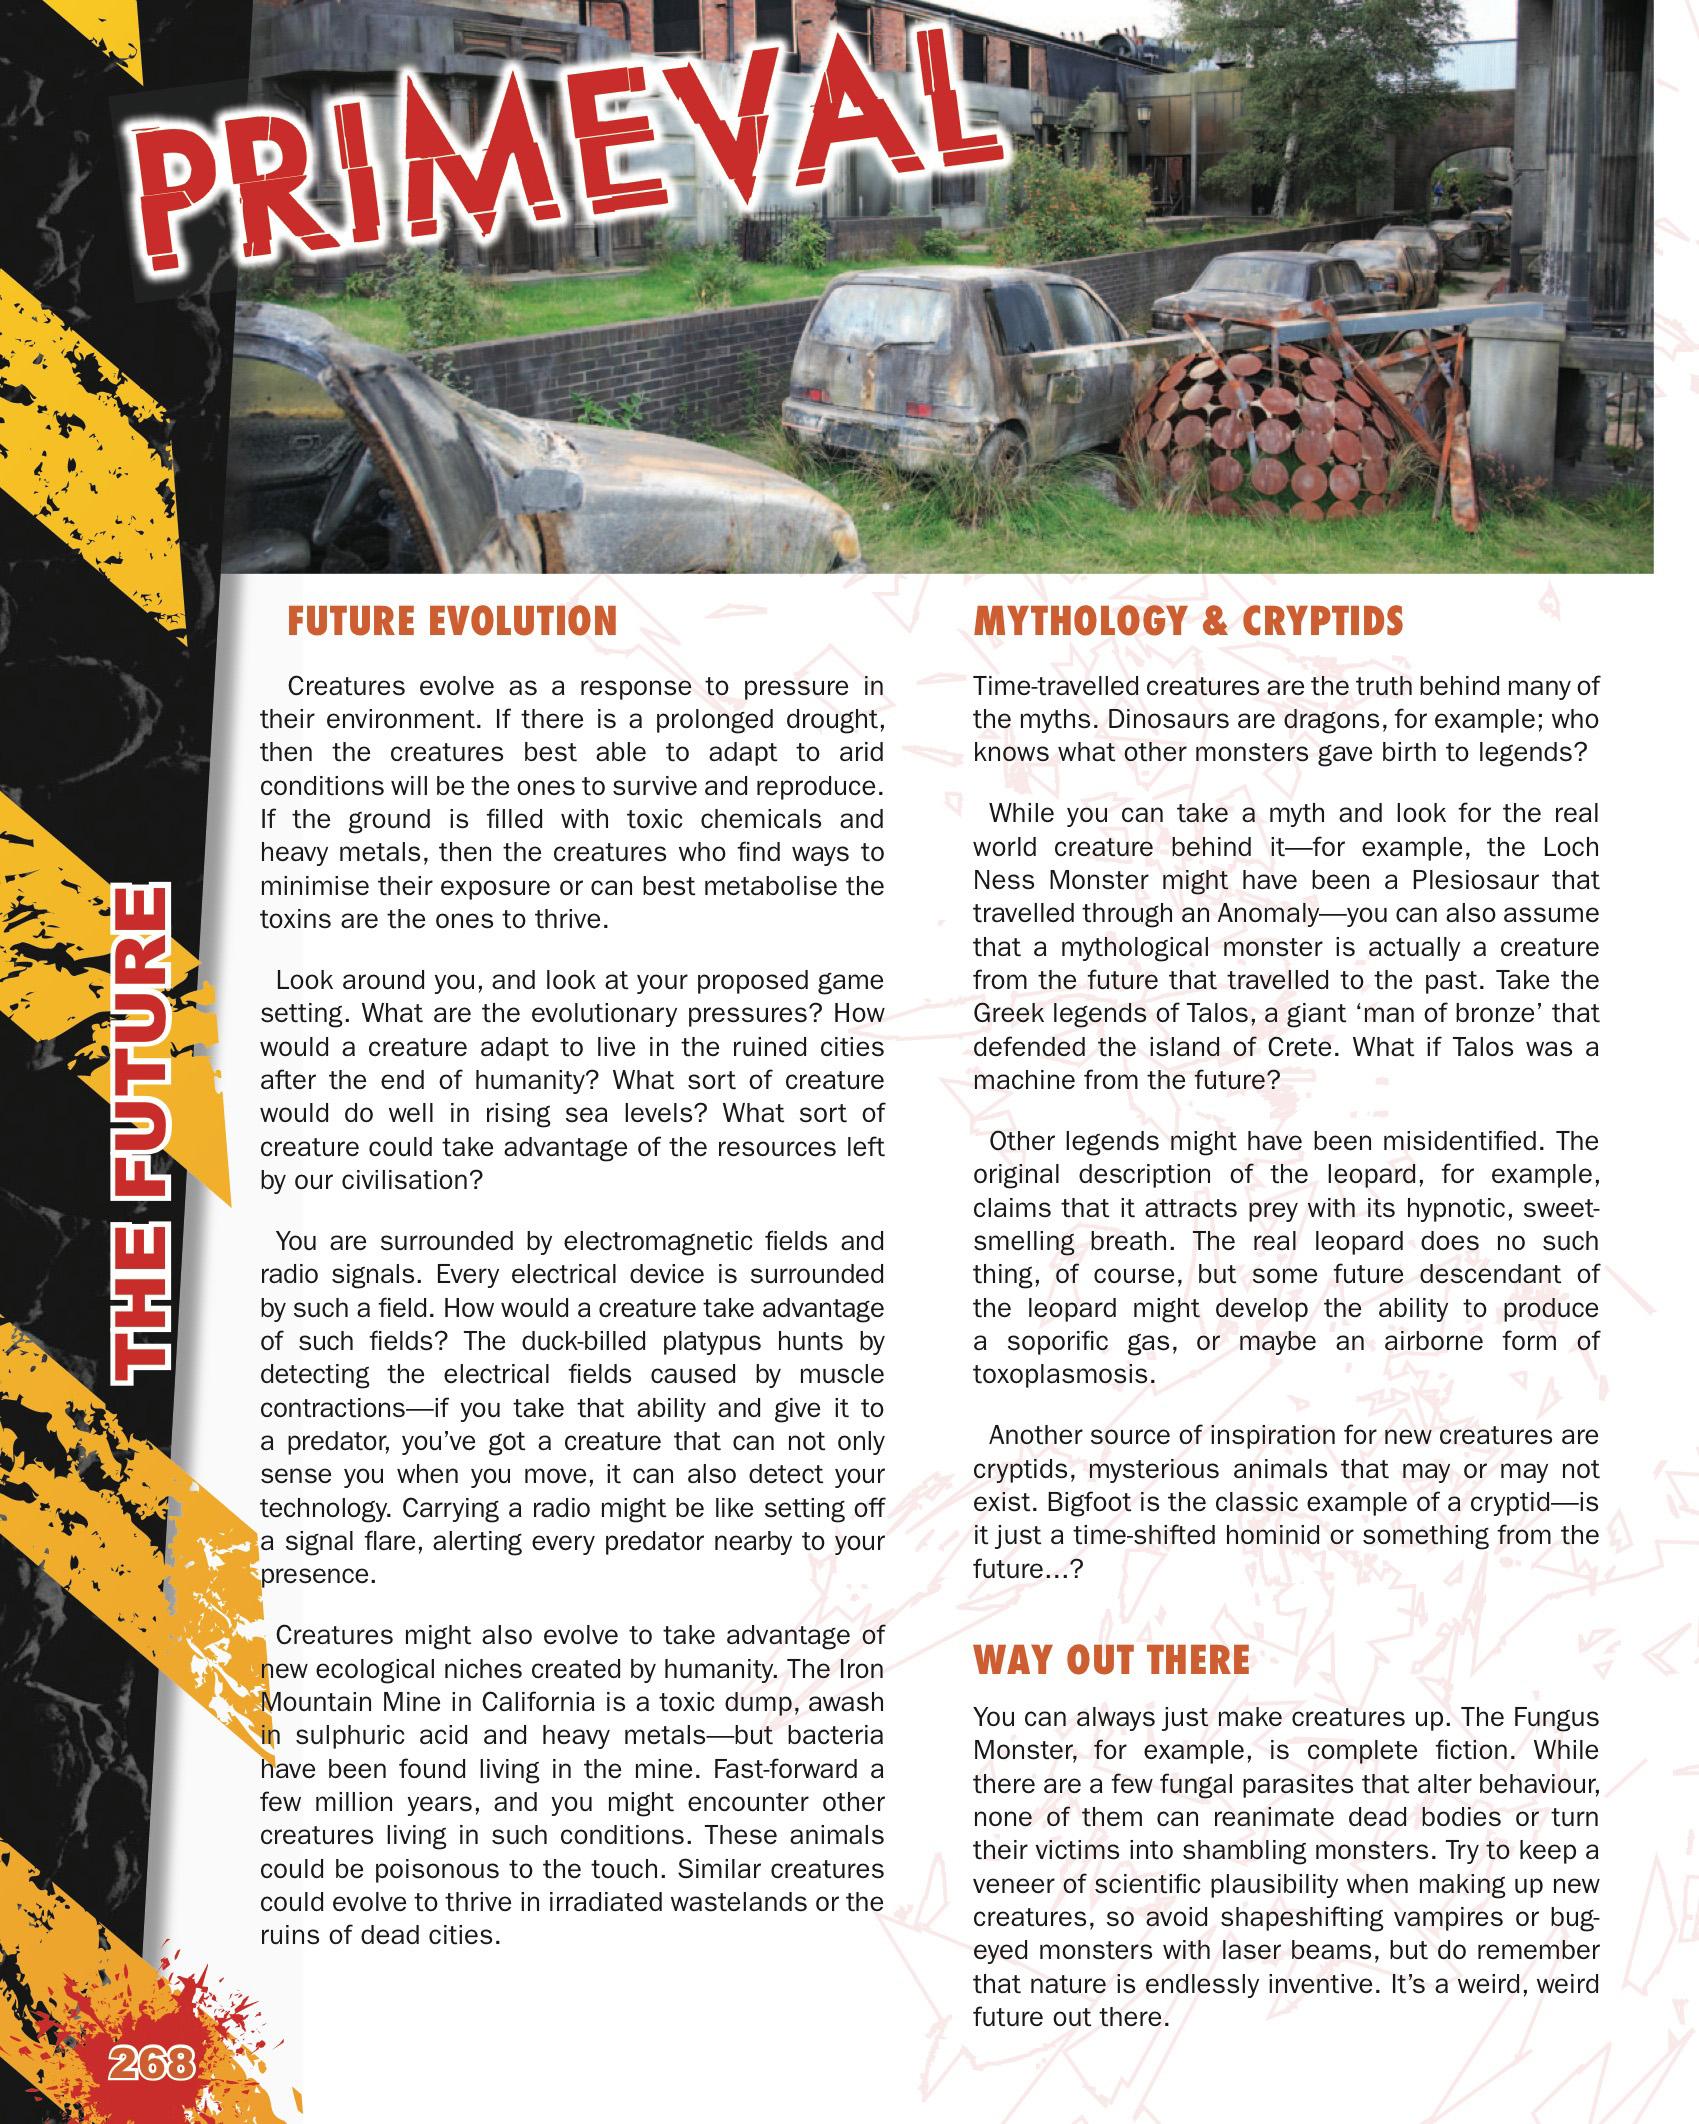 Geeknative-Primeval-pg268